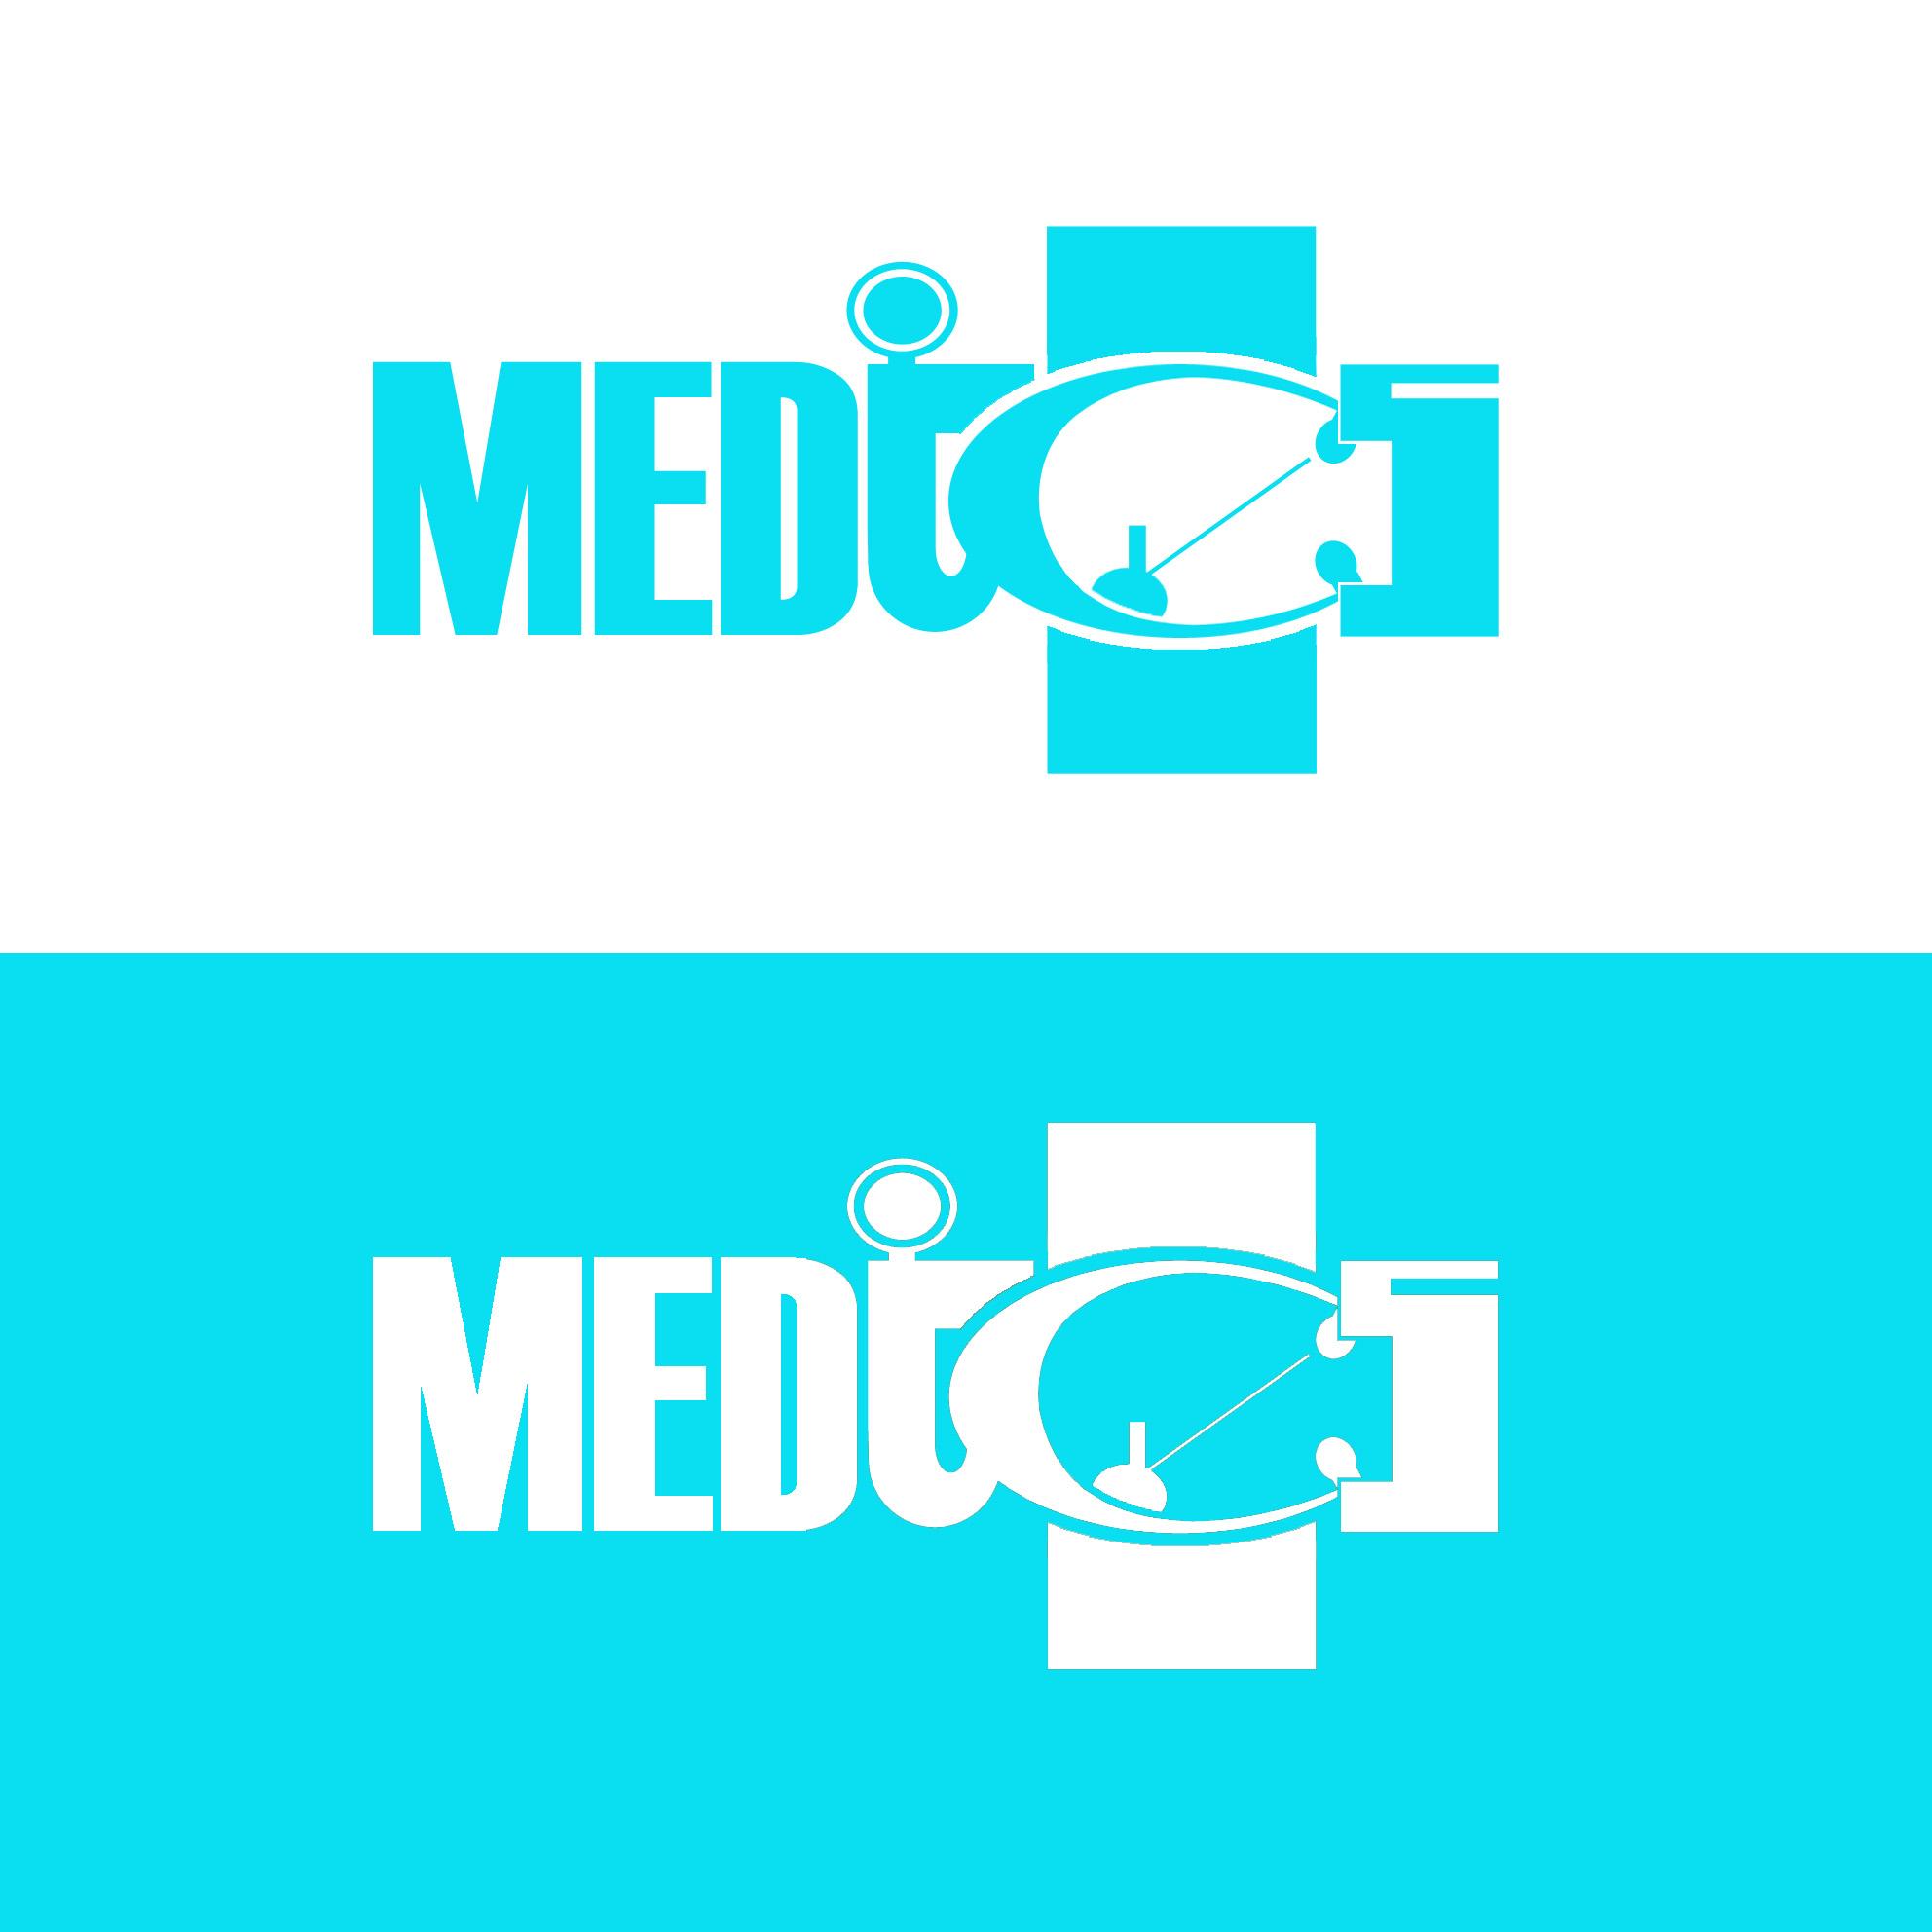 Готовый логотип или эскиз (мед. тематика) фото f_66155af6a0c43a24.jpg